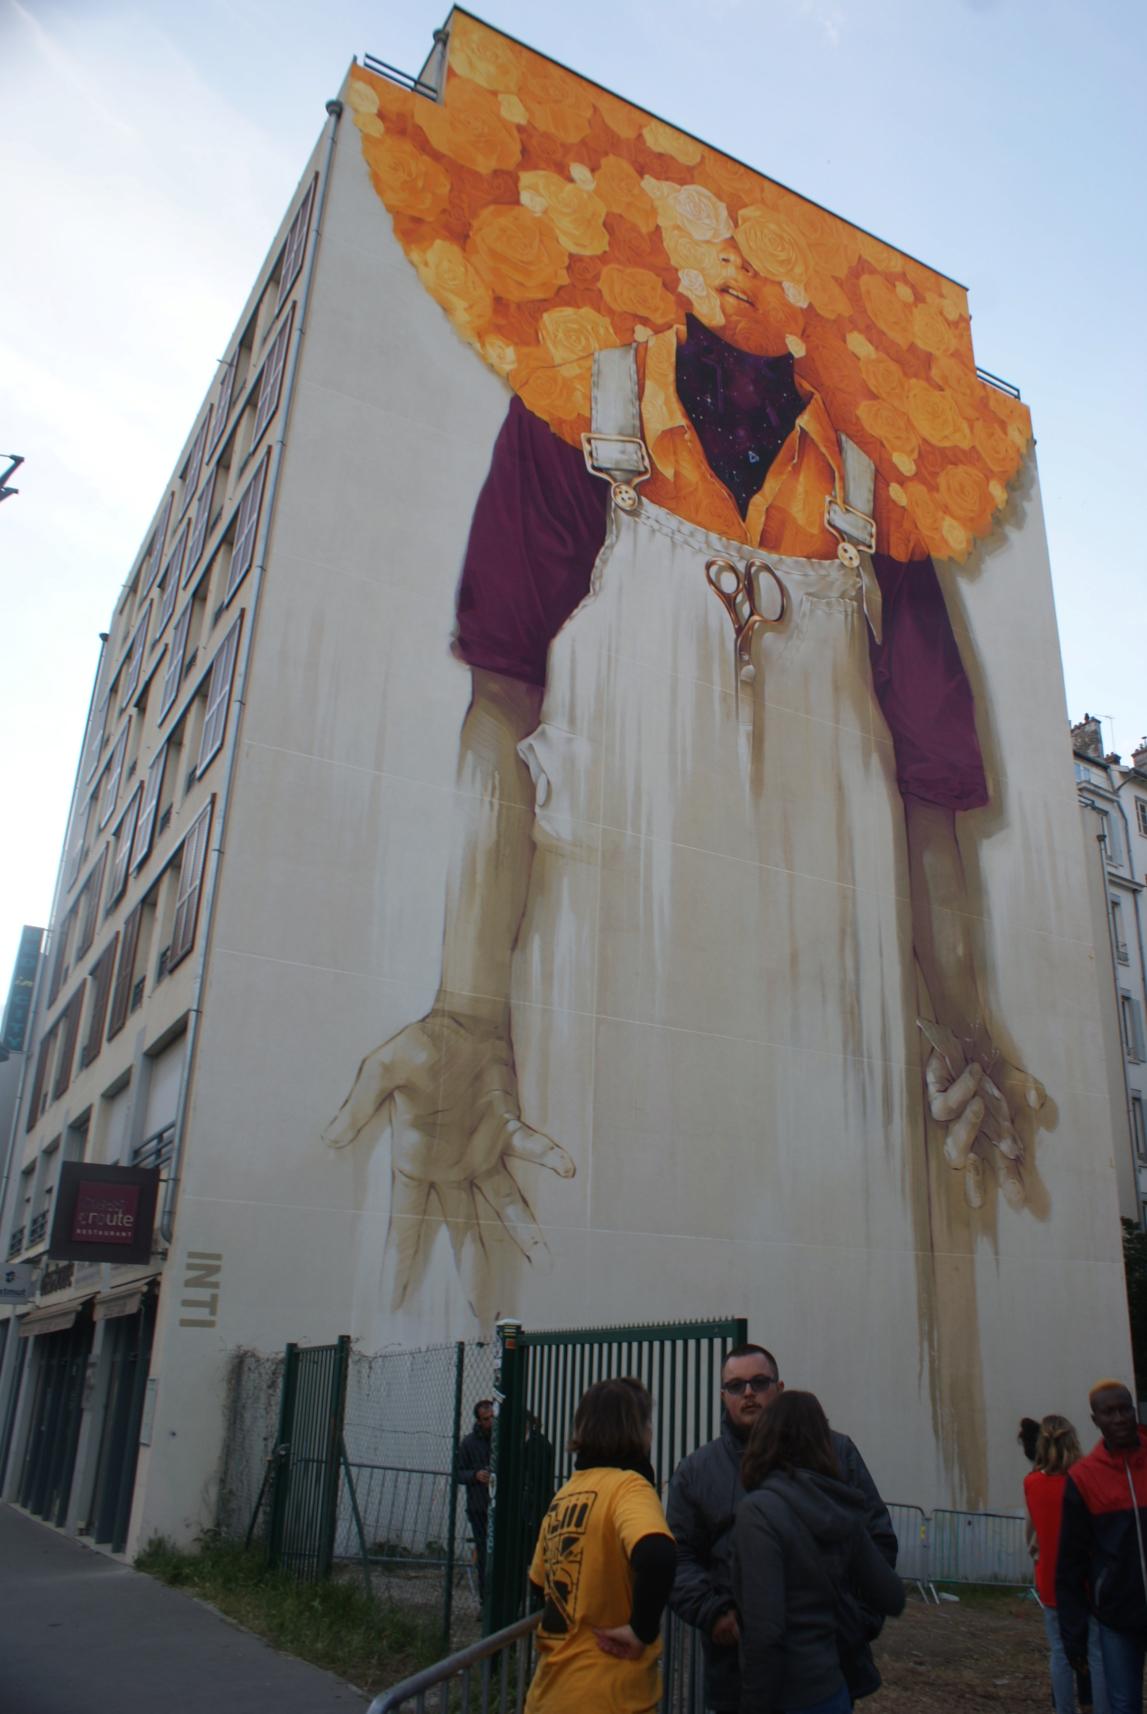 [street art-rue et manifs] Peinture fraîche, à Lyon 2019 - Page 3 Dsc05019